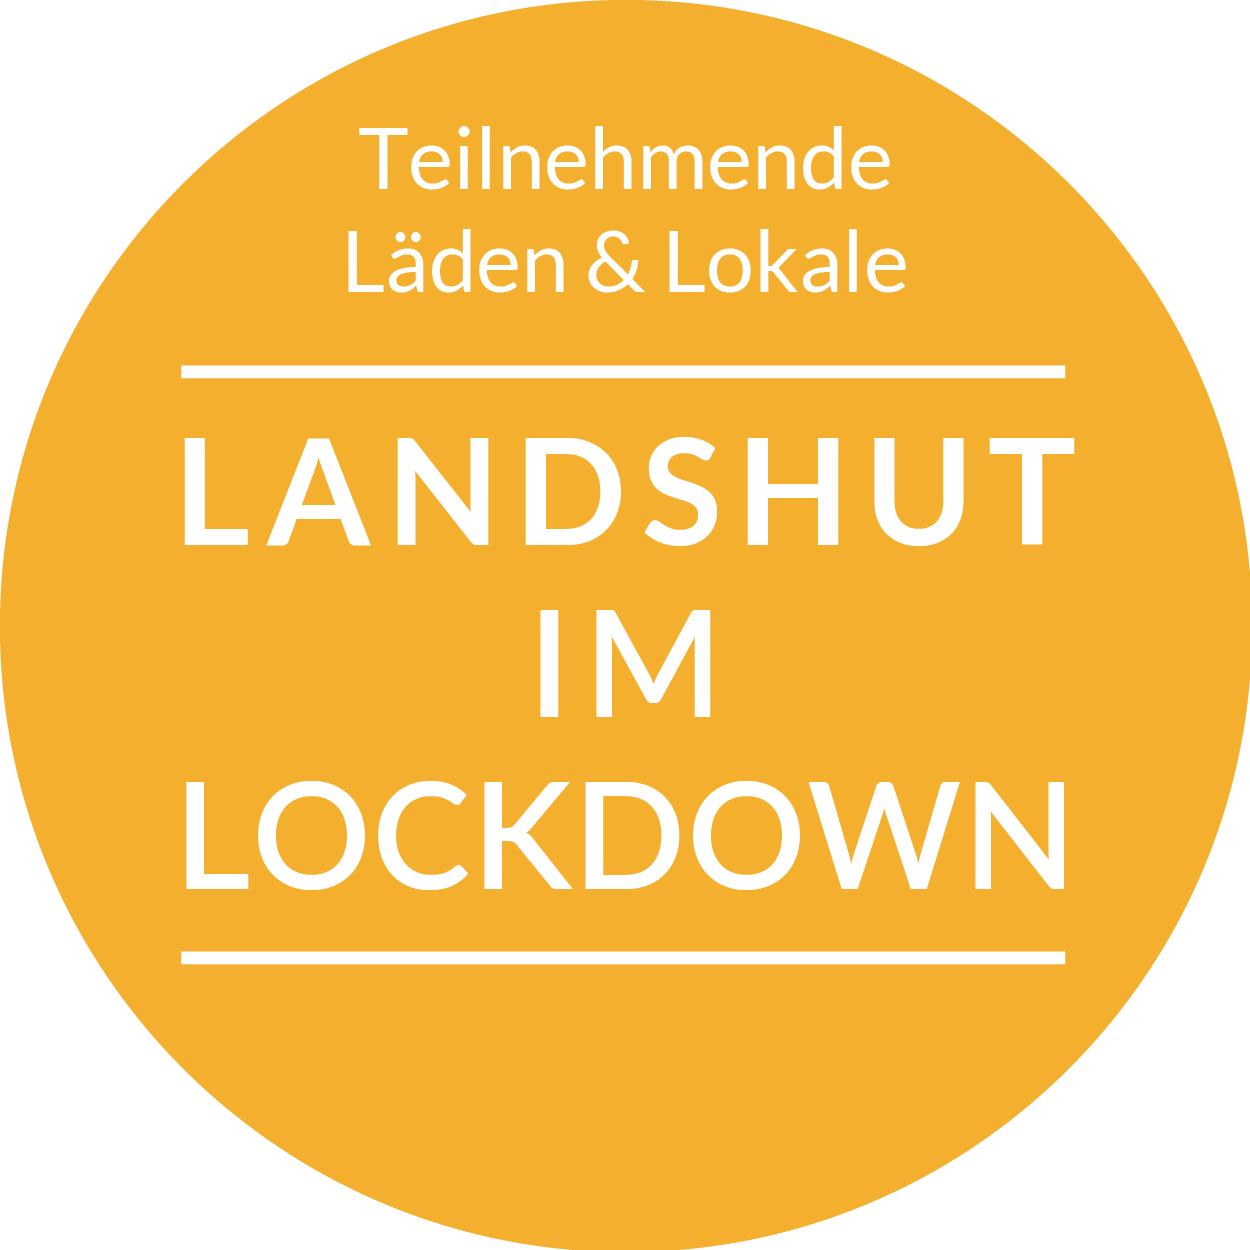 Landshut liefert im Lockdown